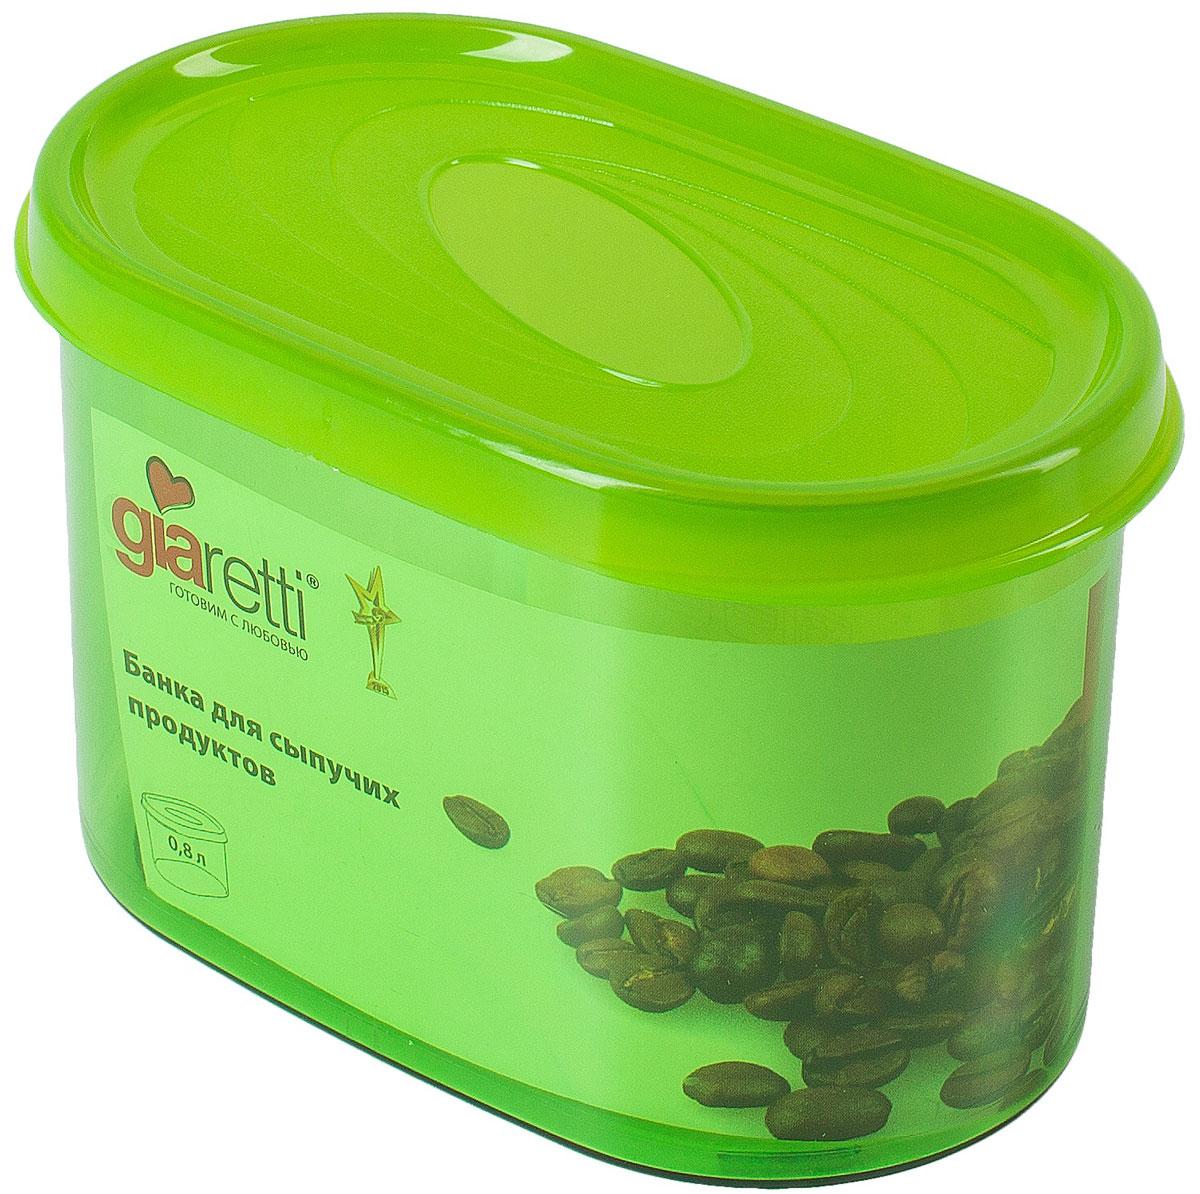 Банка для сыпучих продуктов Giaretti, 800 млVT-1520(SR)Банка для сыпучих продуктов предназначена для хранения круп, сахара, макаронных изделий и других изделий, в том числе для продуктов с ярким ароматом (специи и прочее). Плотно прилегающая крышка не пропускает запахи содержимого в шкаф для хранения, при этом продукт не теряет своего аромата.